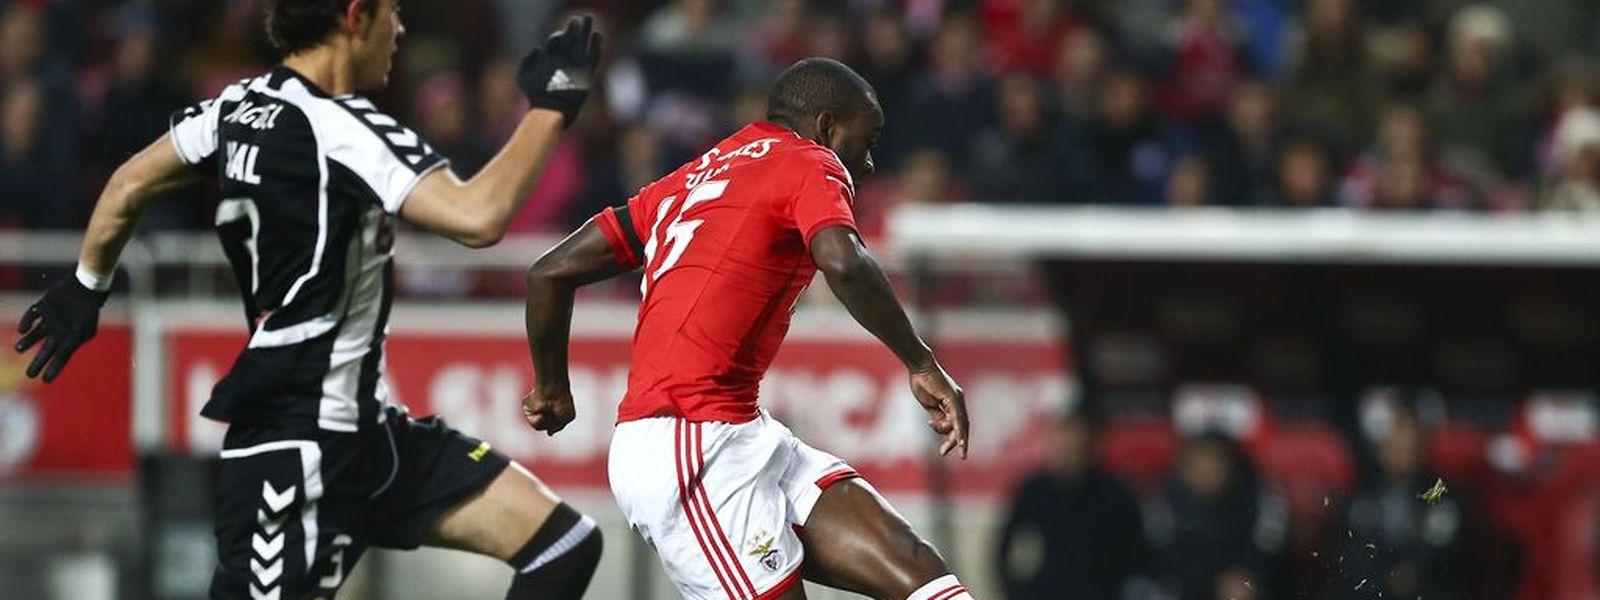 Ola John (Benfica) disputa a bola com Miguel Rodrigues (Nacional da Madeira)